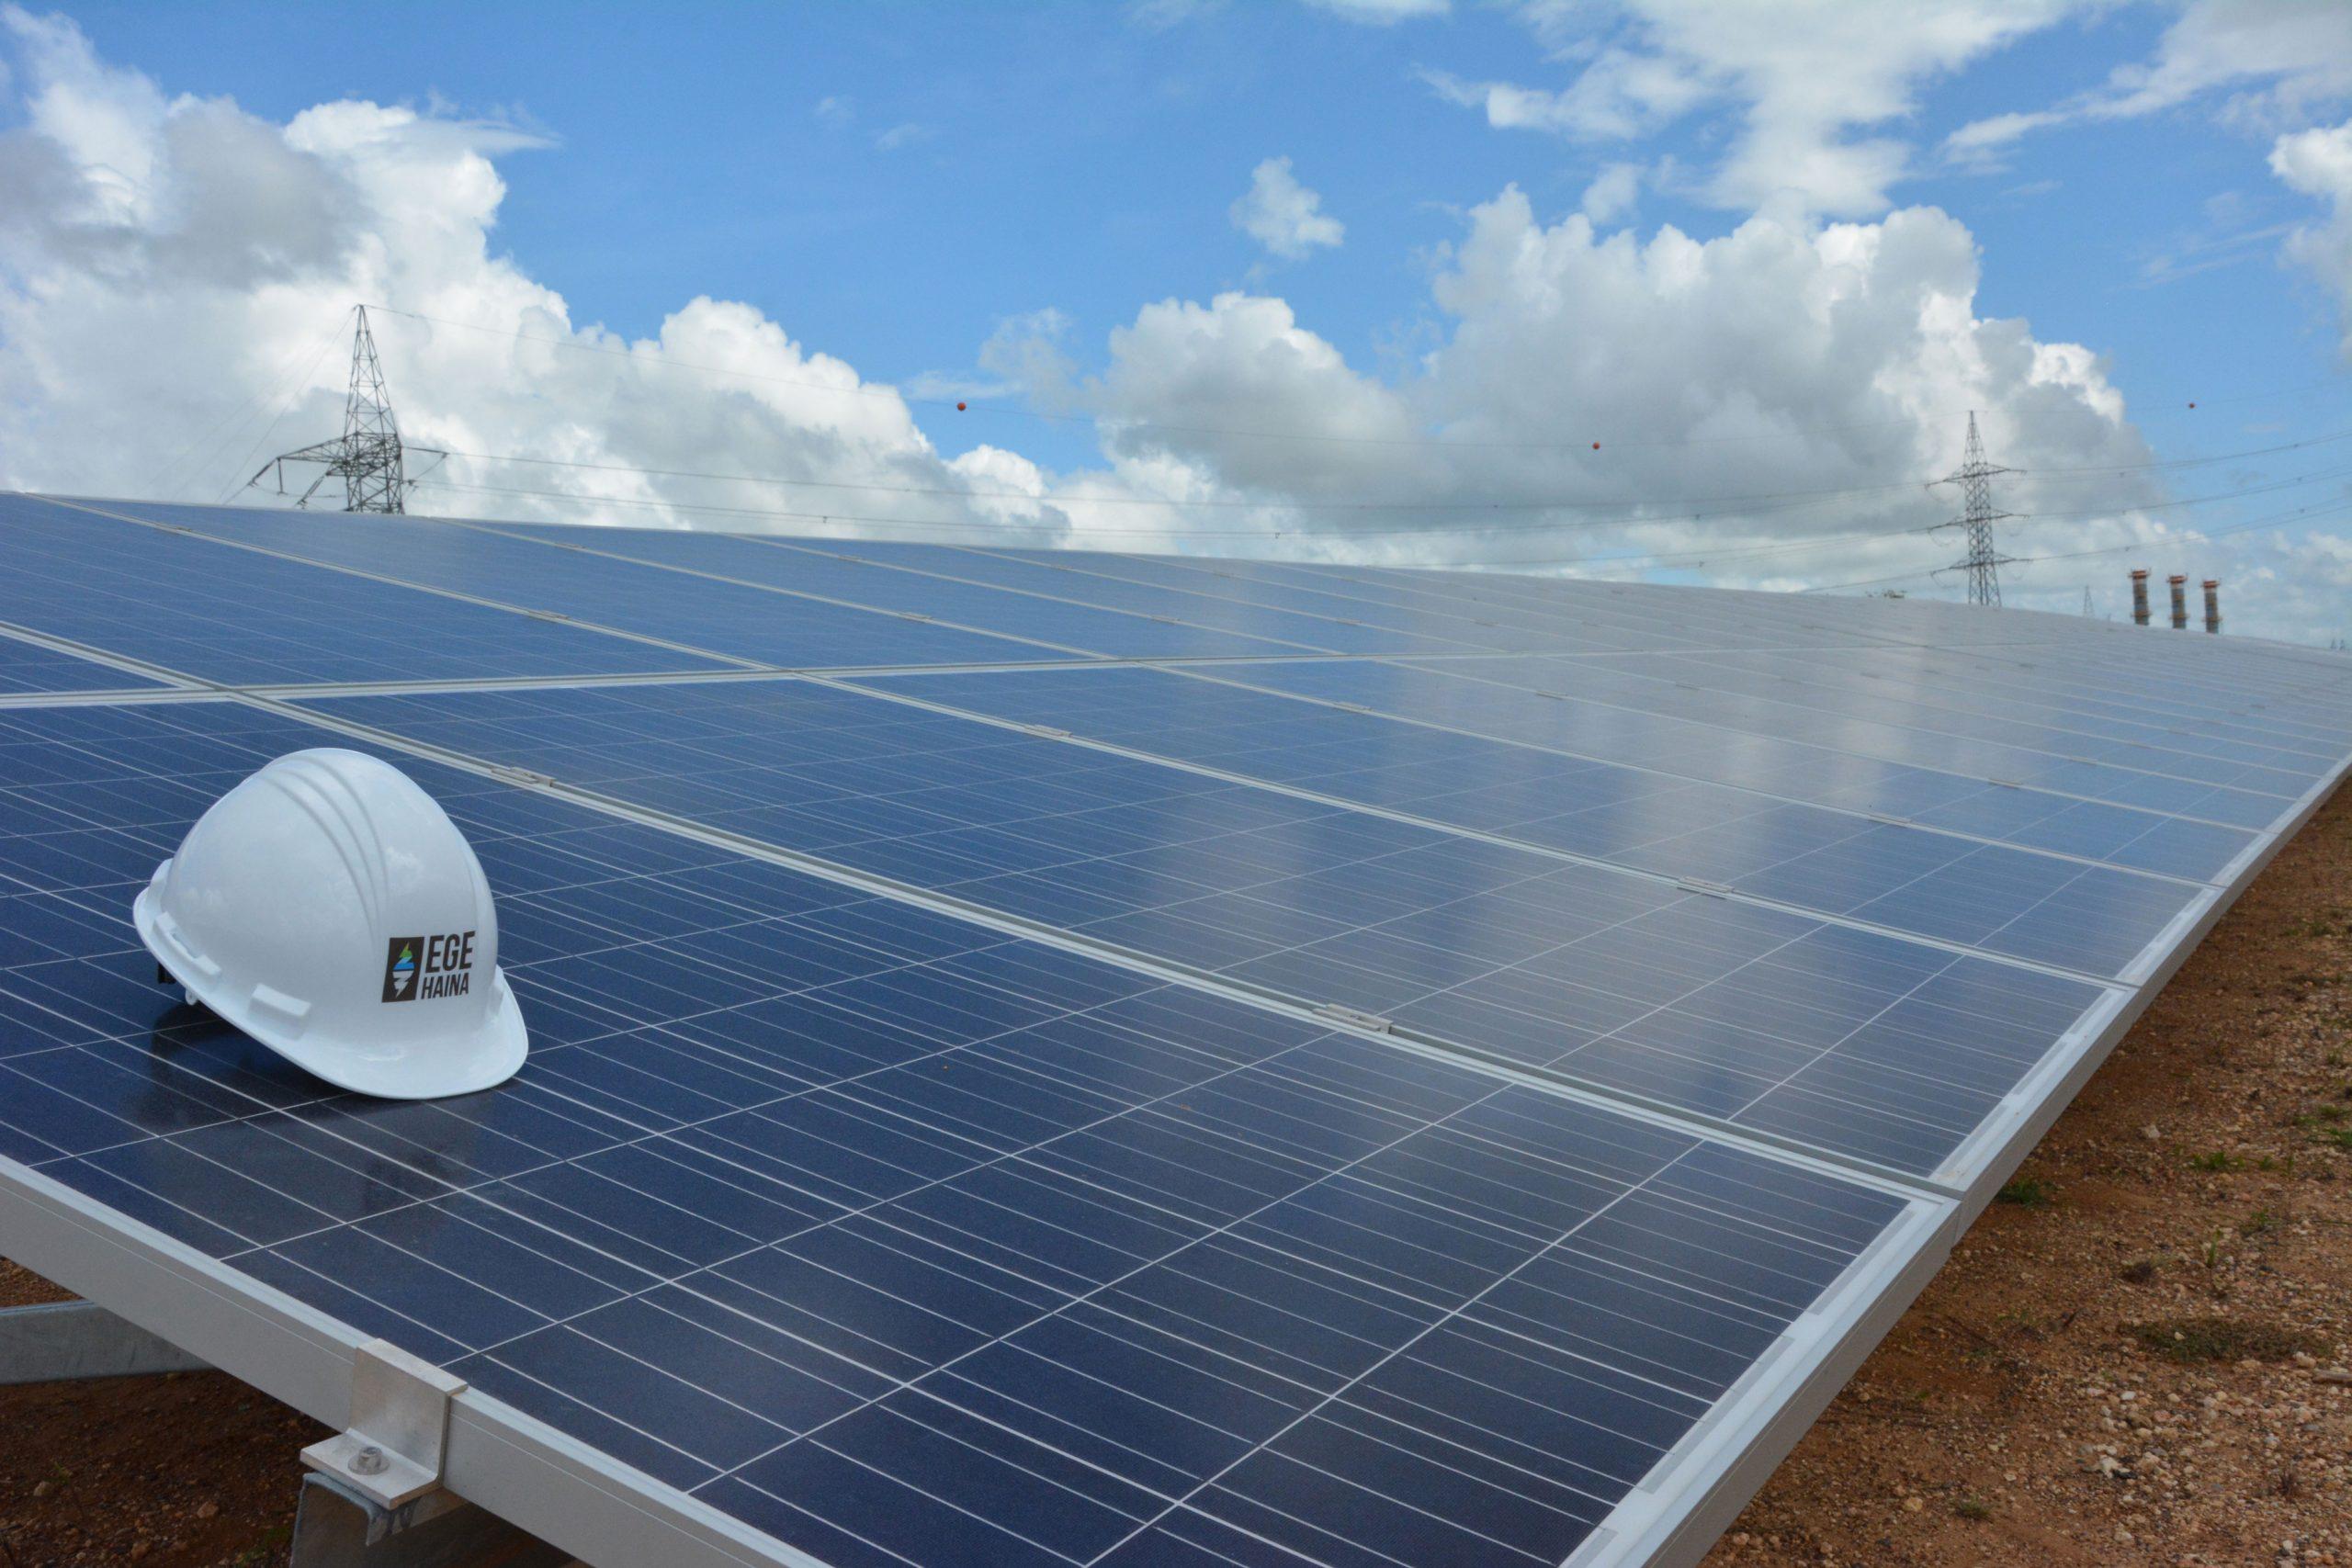 El parque de generación fotovoltaica puede suplir 1,000 viviendas rurales./ Gabriel Alcántara